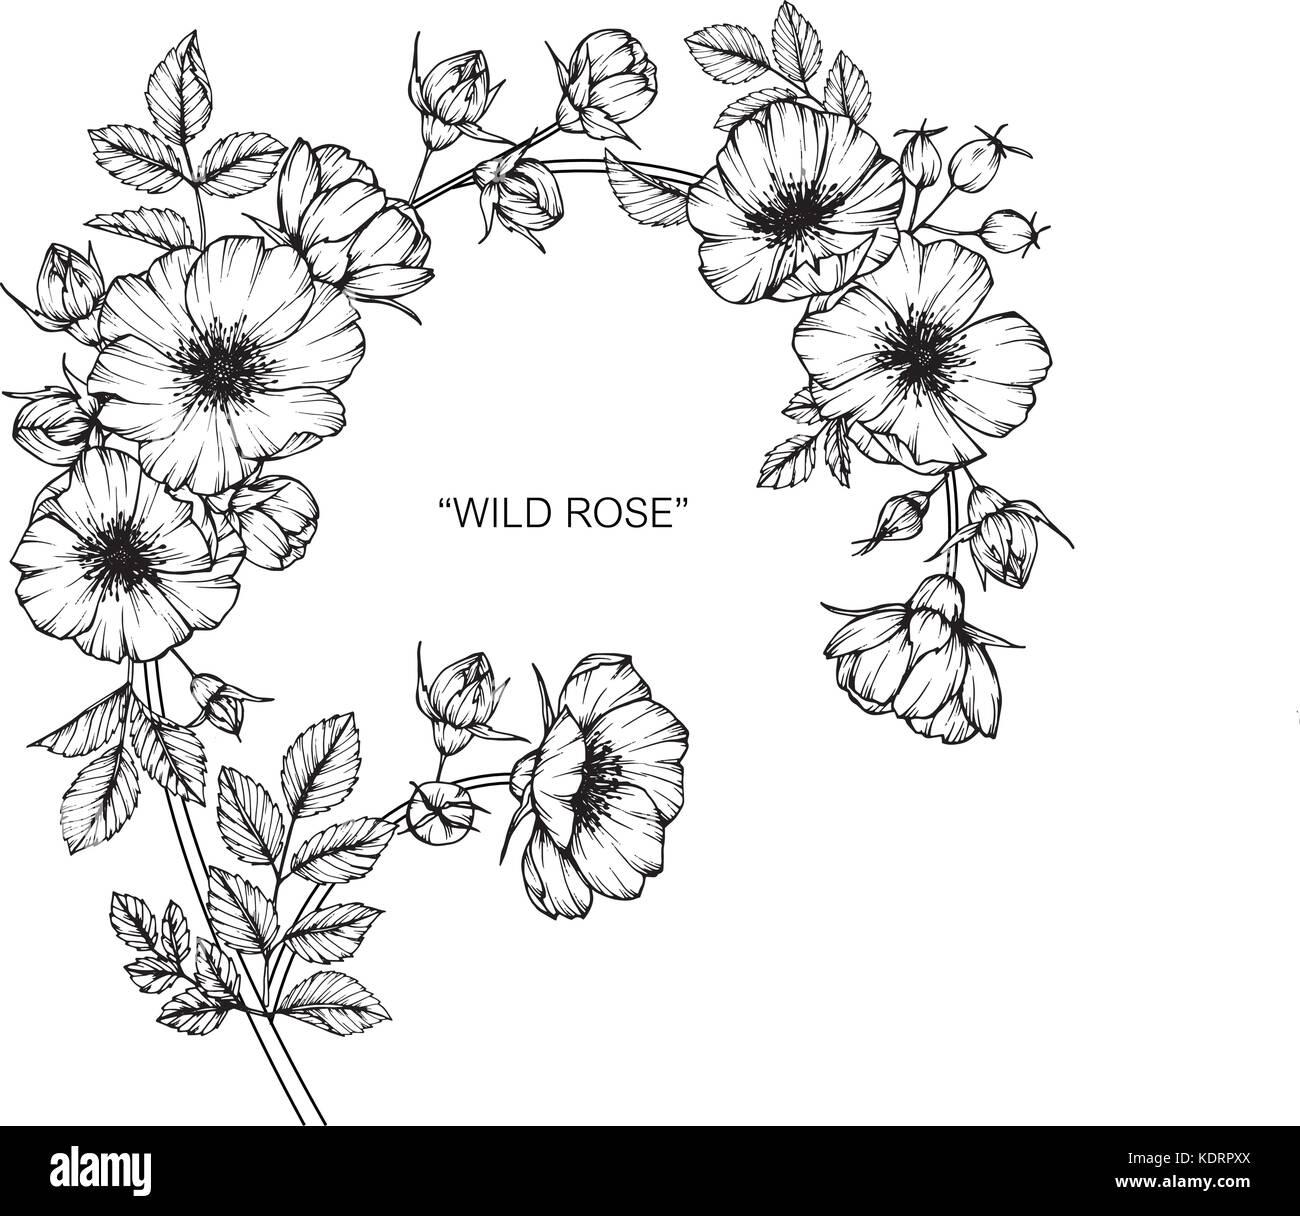 Dessin De Fleurs Roses Sauvages Illustration Noir Et Blanc Avec Des